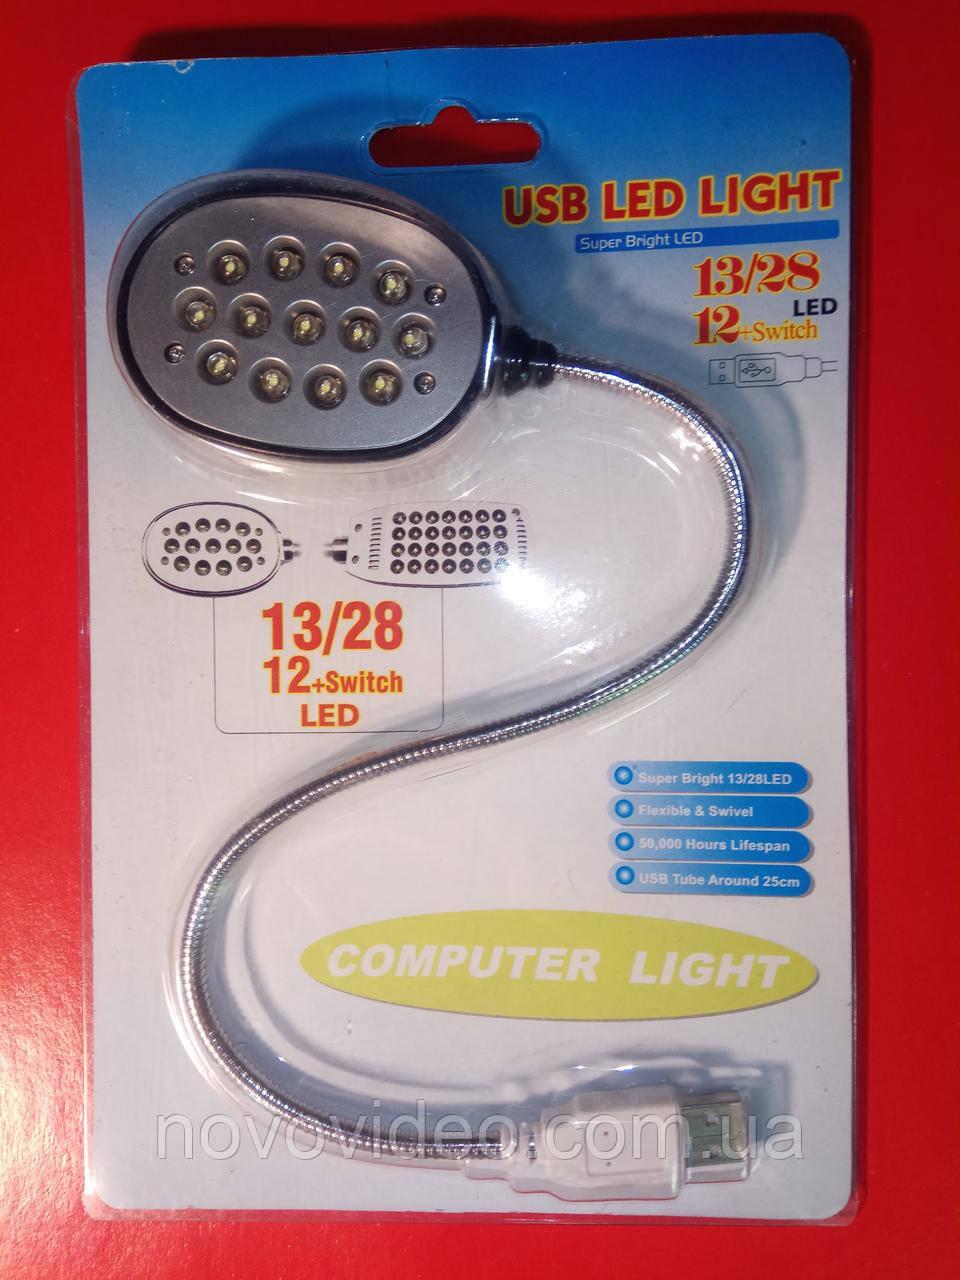 Лампа usb на led диодах для рабочего стола